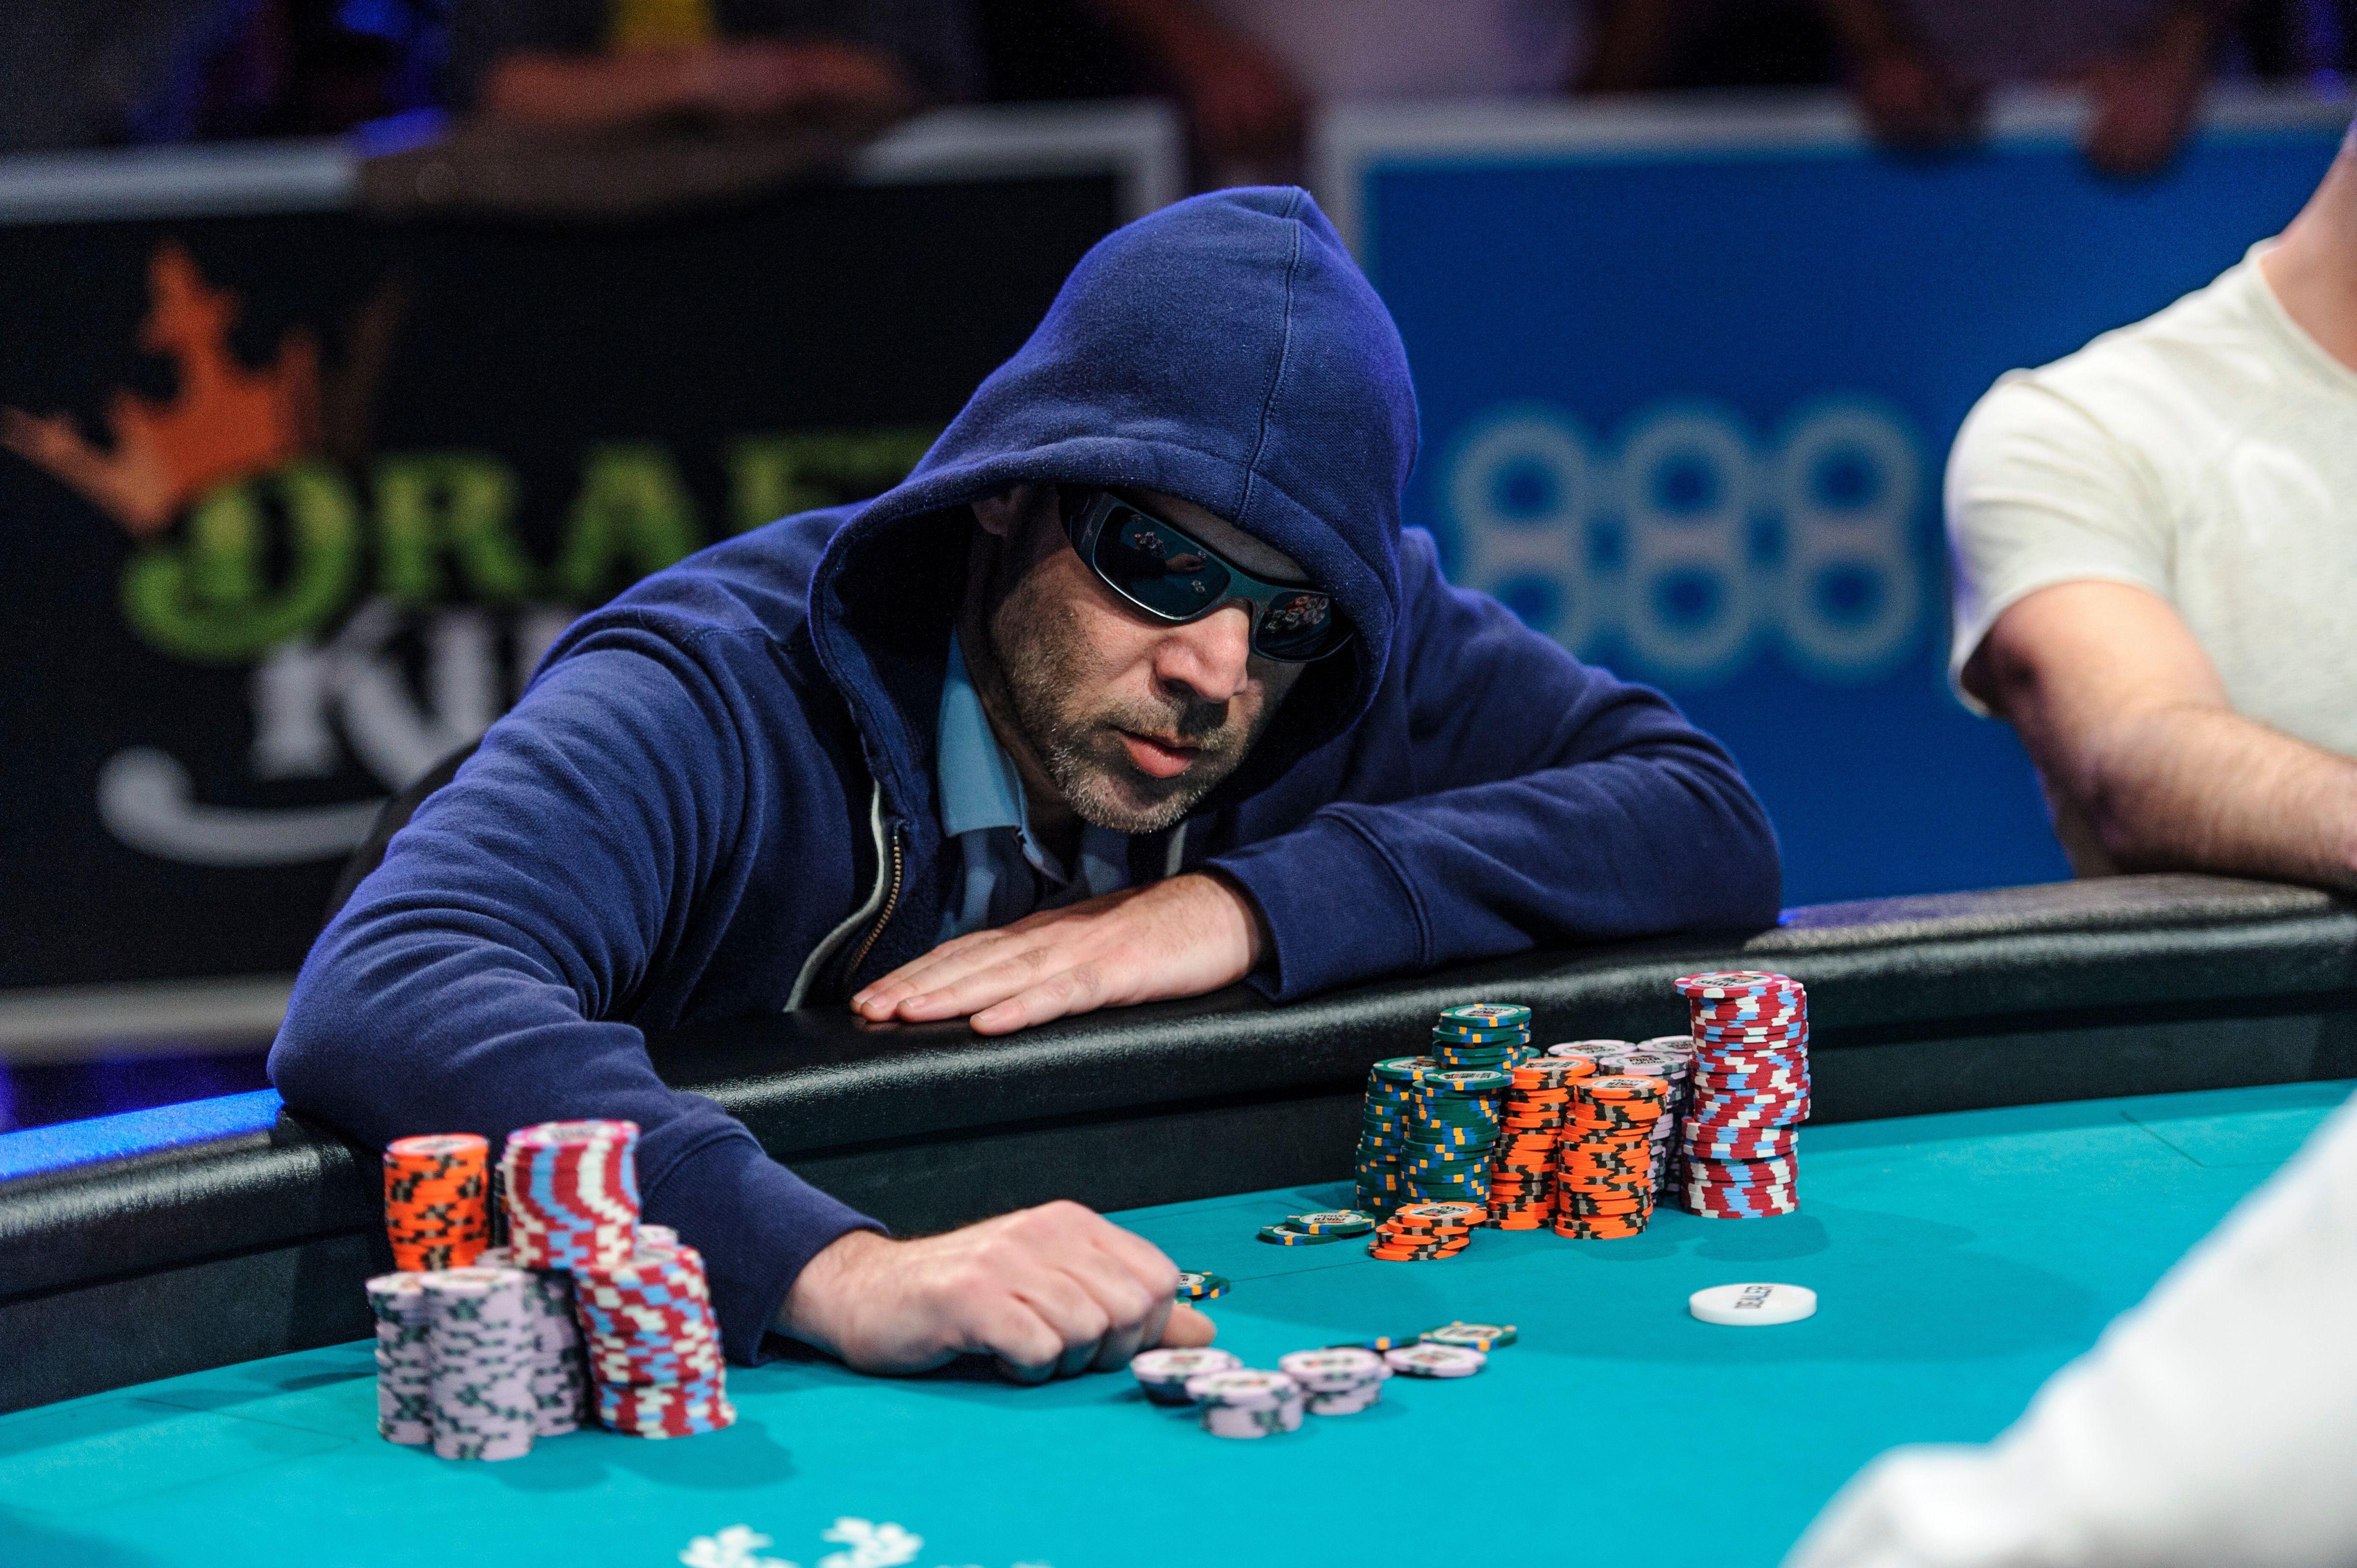 la main gagnante casino plombieres